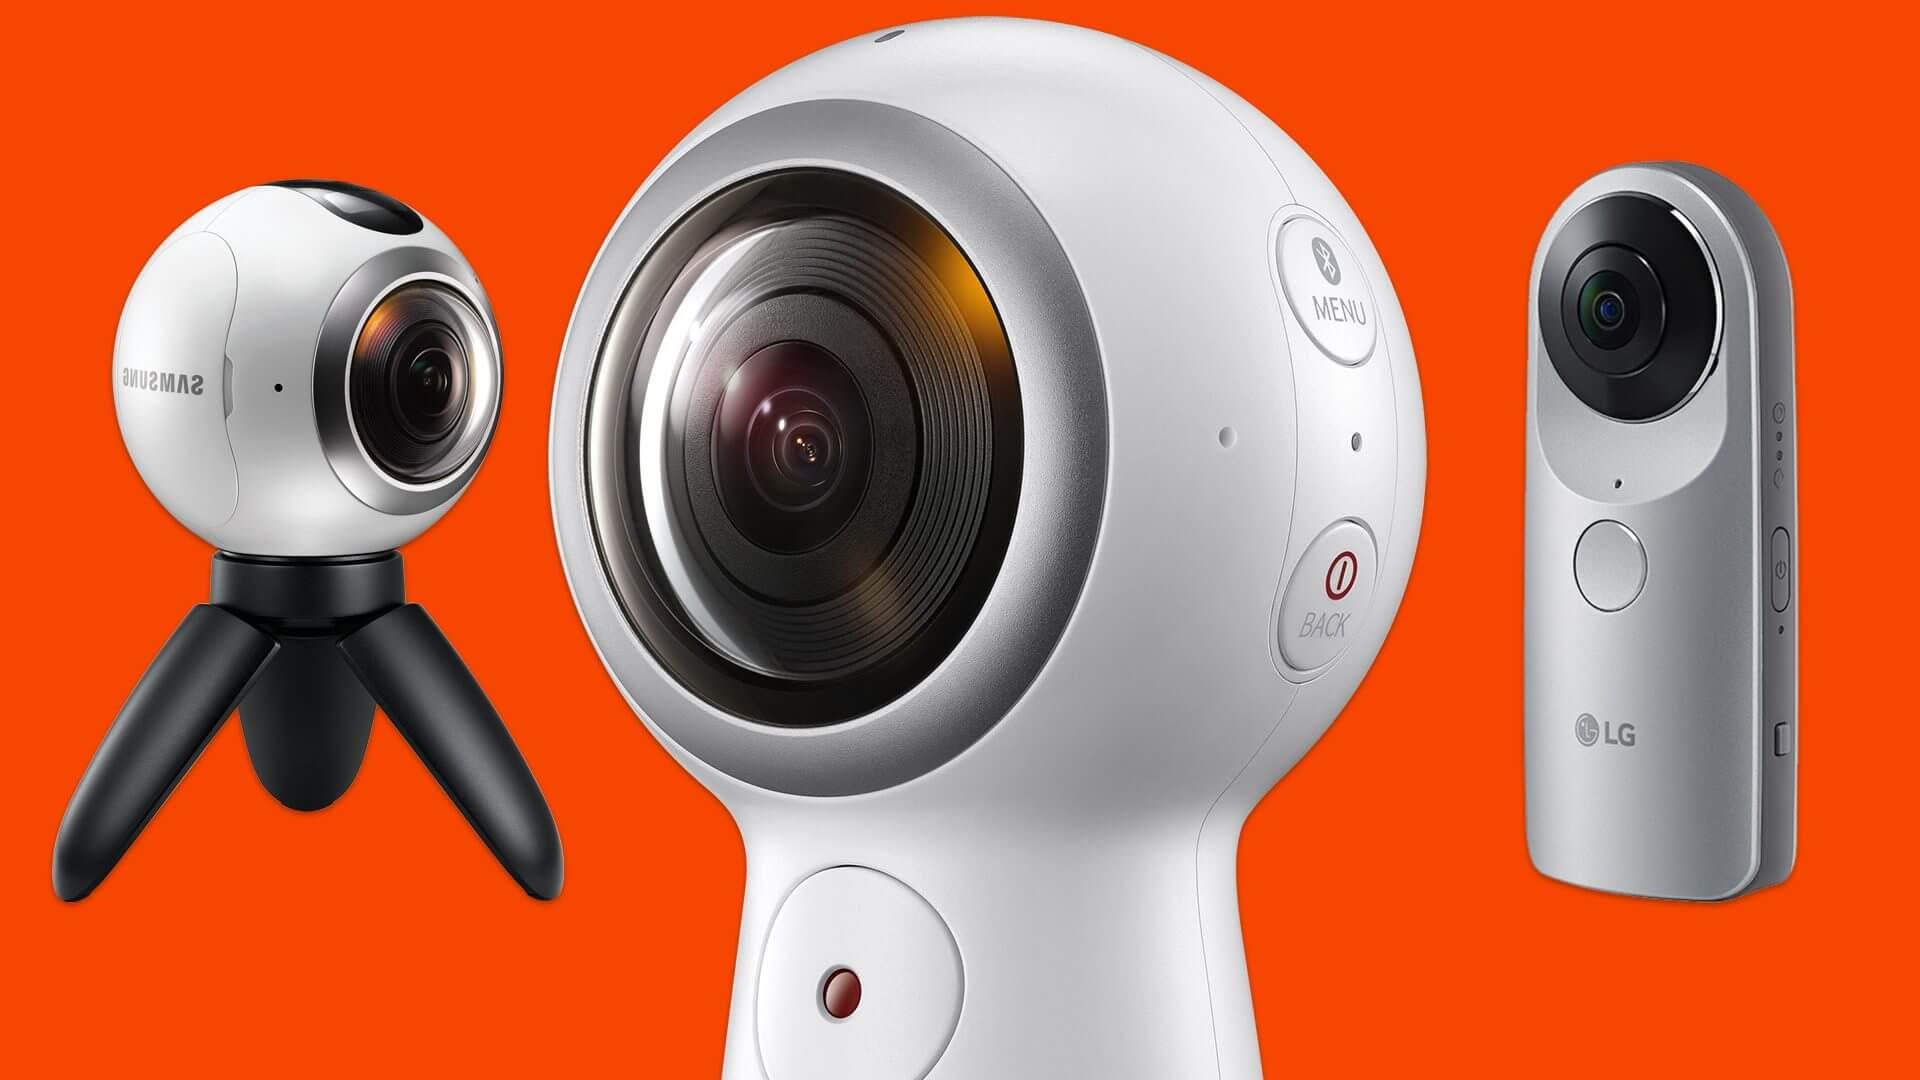 especial cameras 360 showmetech - GoPRO ou câmeras que gravam em 360 Graus?